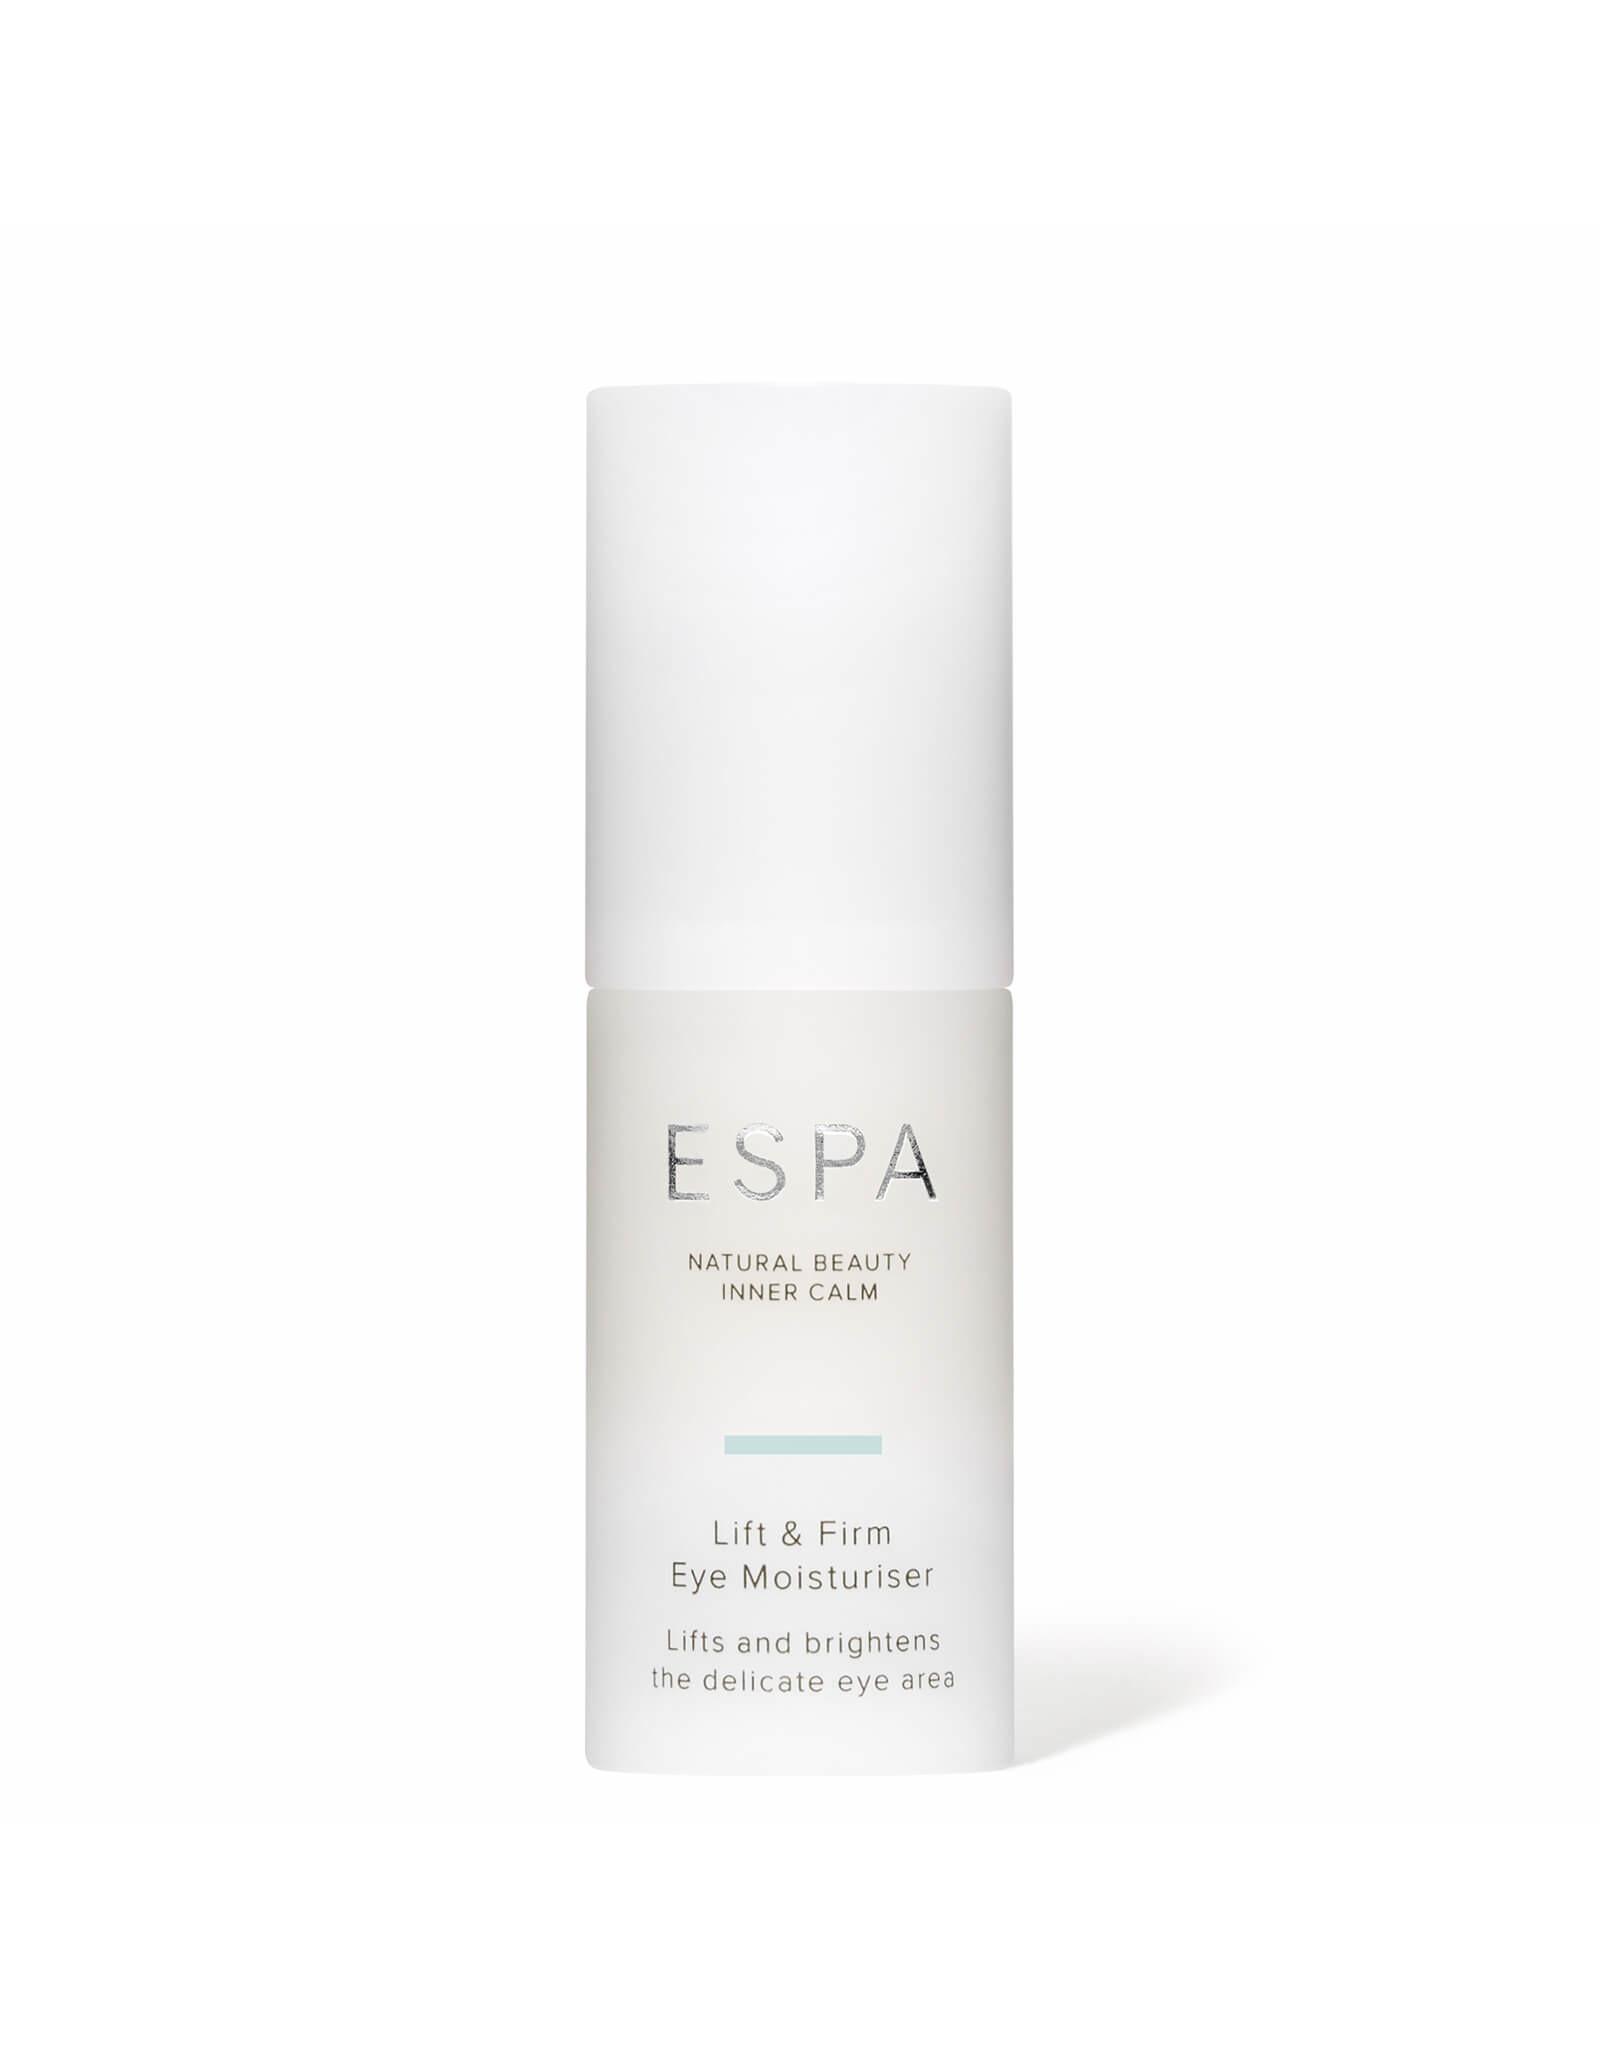 ESPA Lift & Firm Eye Moisturiser, 15ml